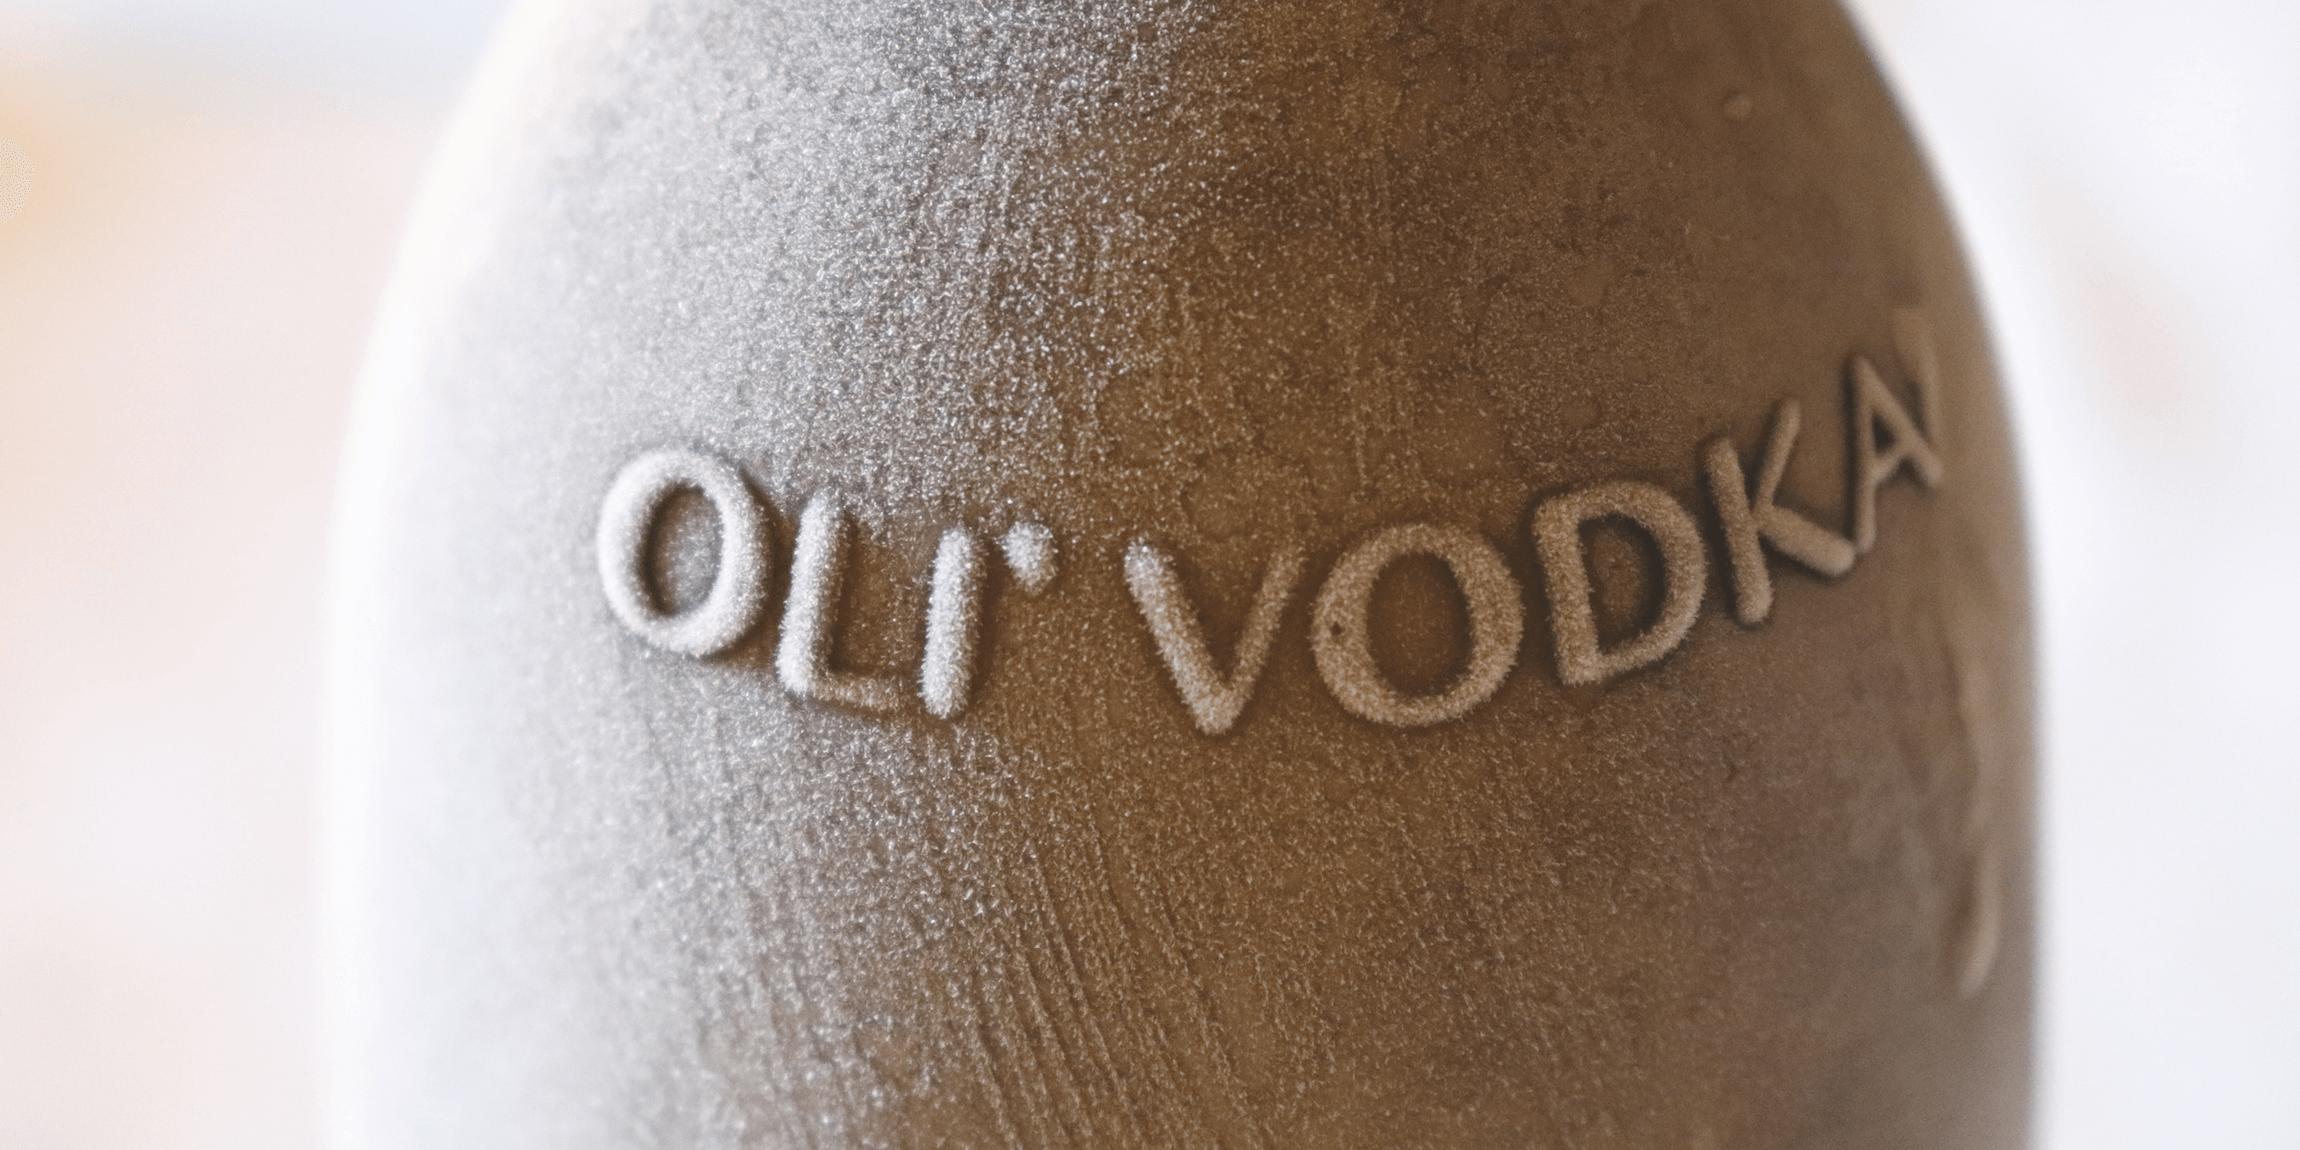 Oli-vodka